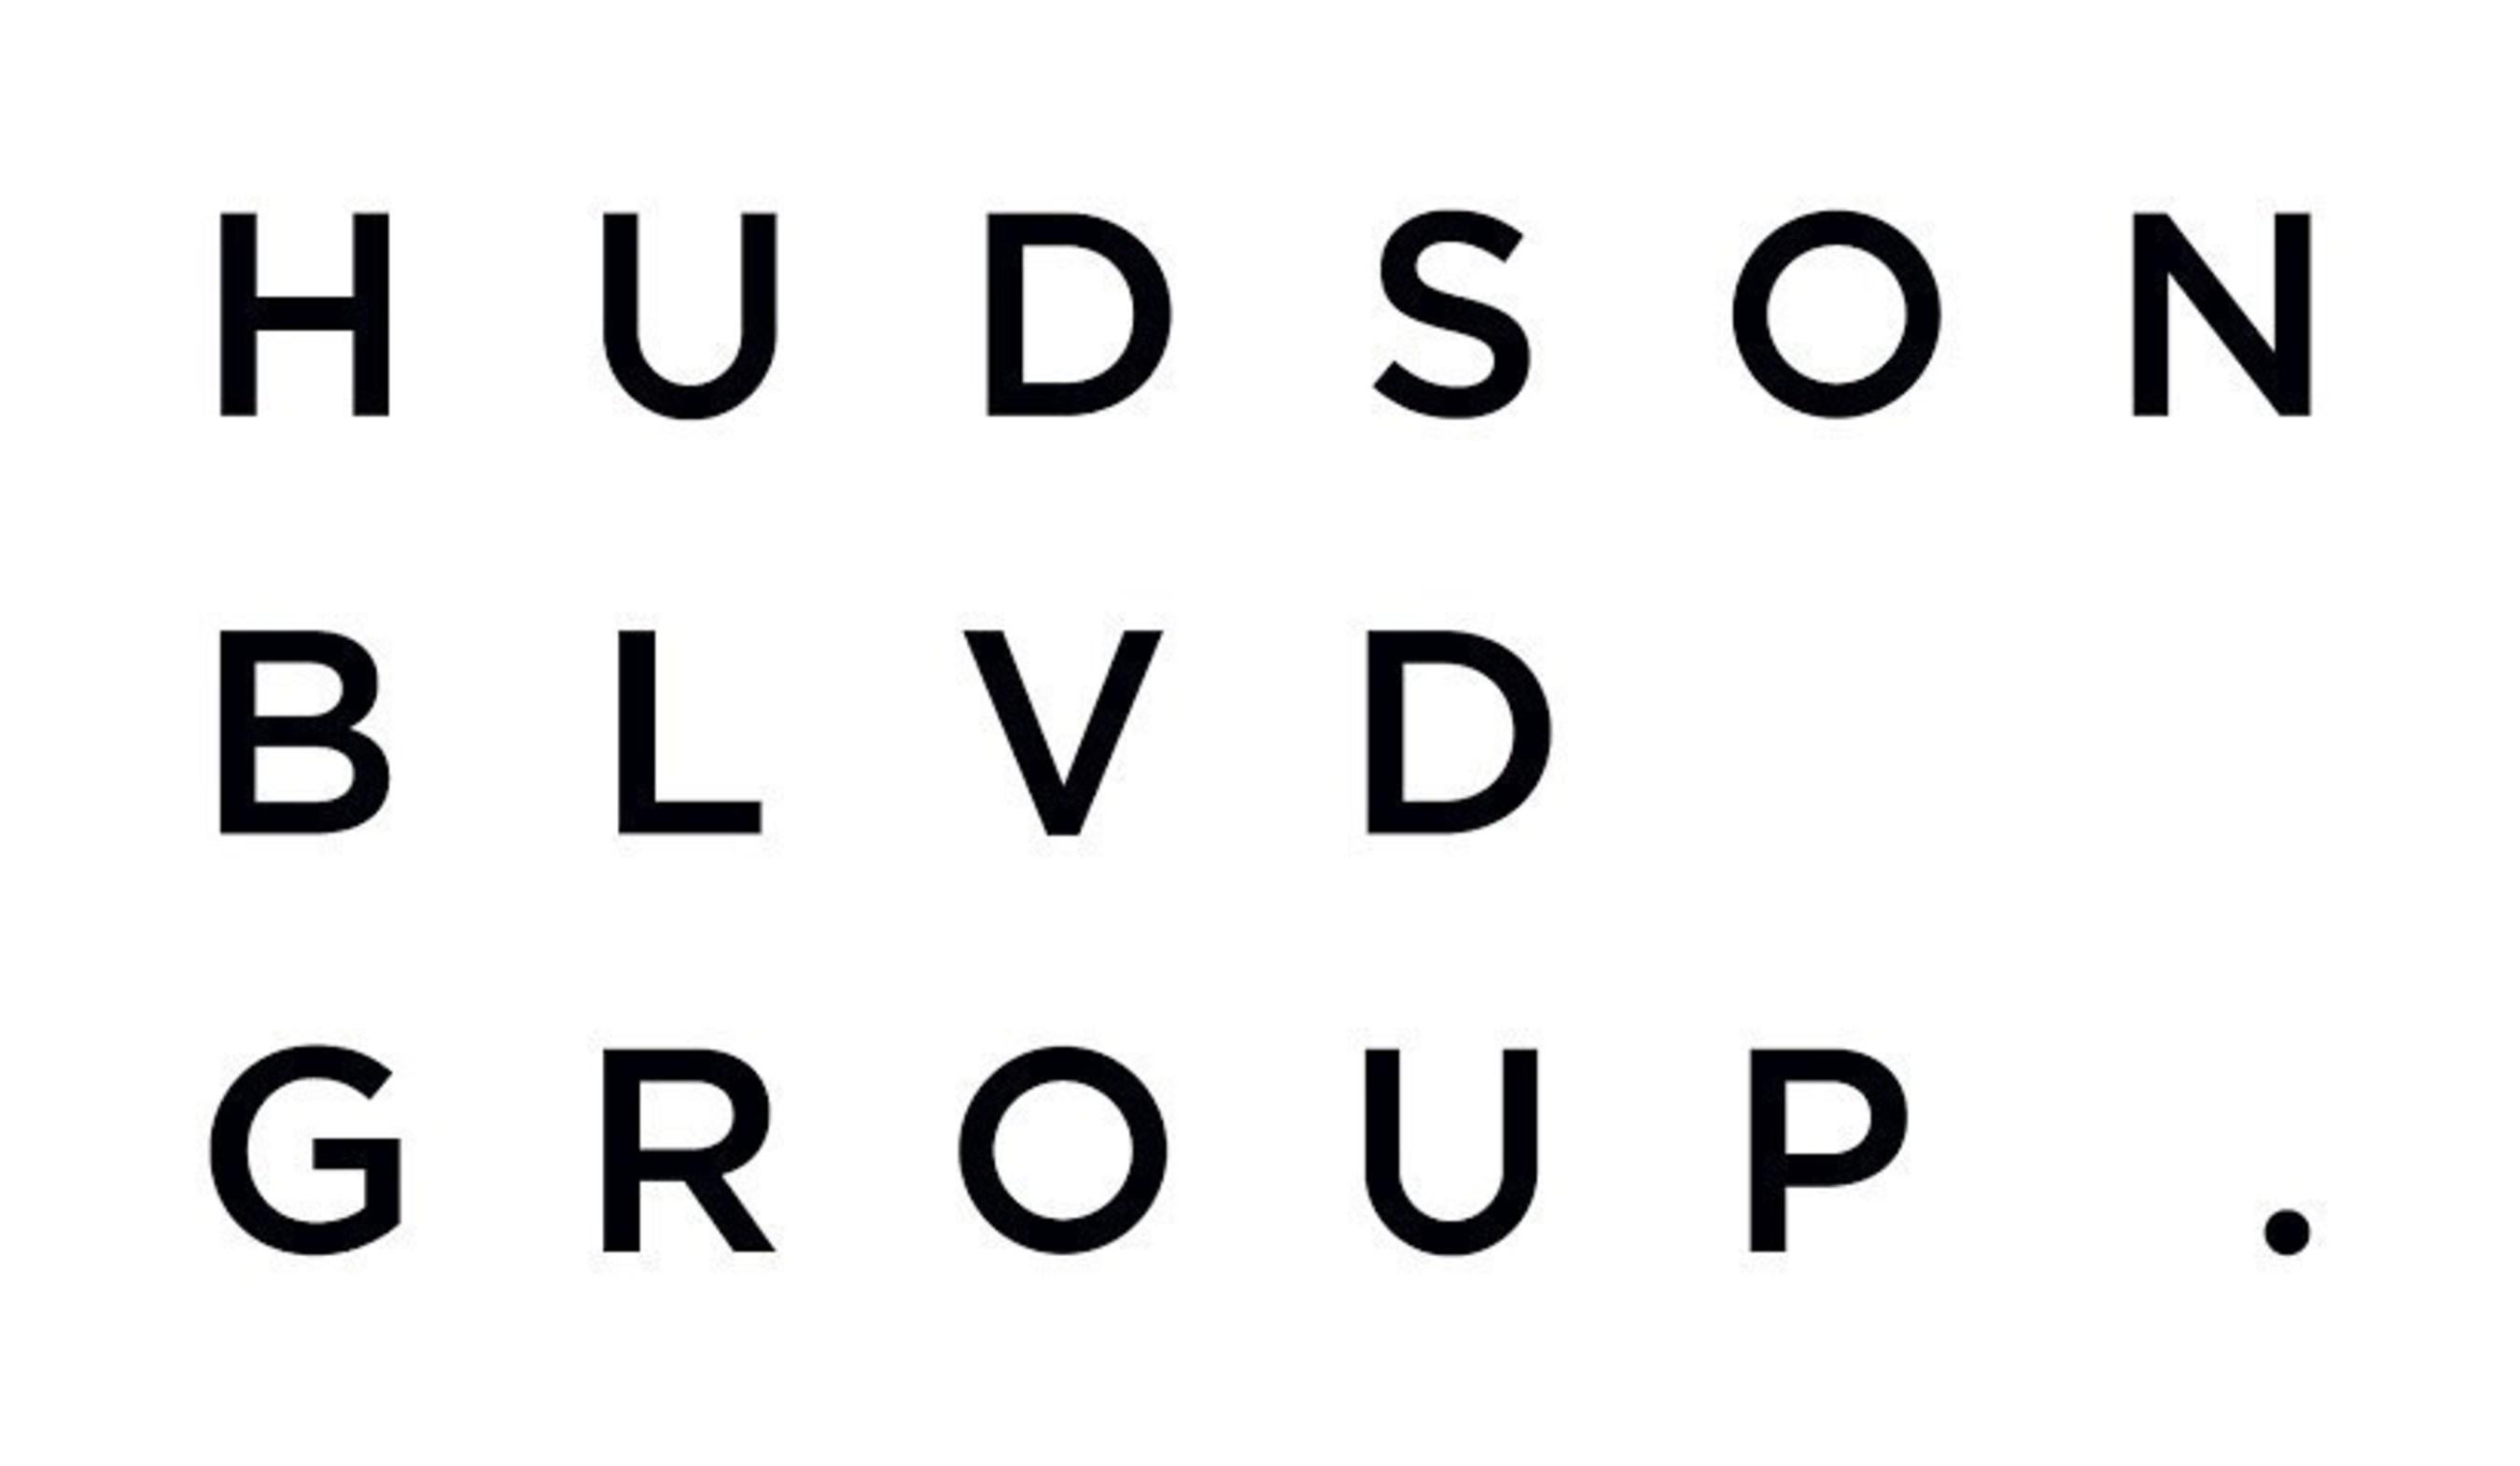 Hudson BLVD Group